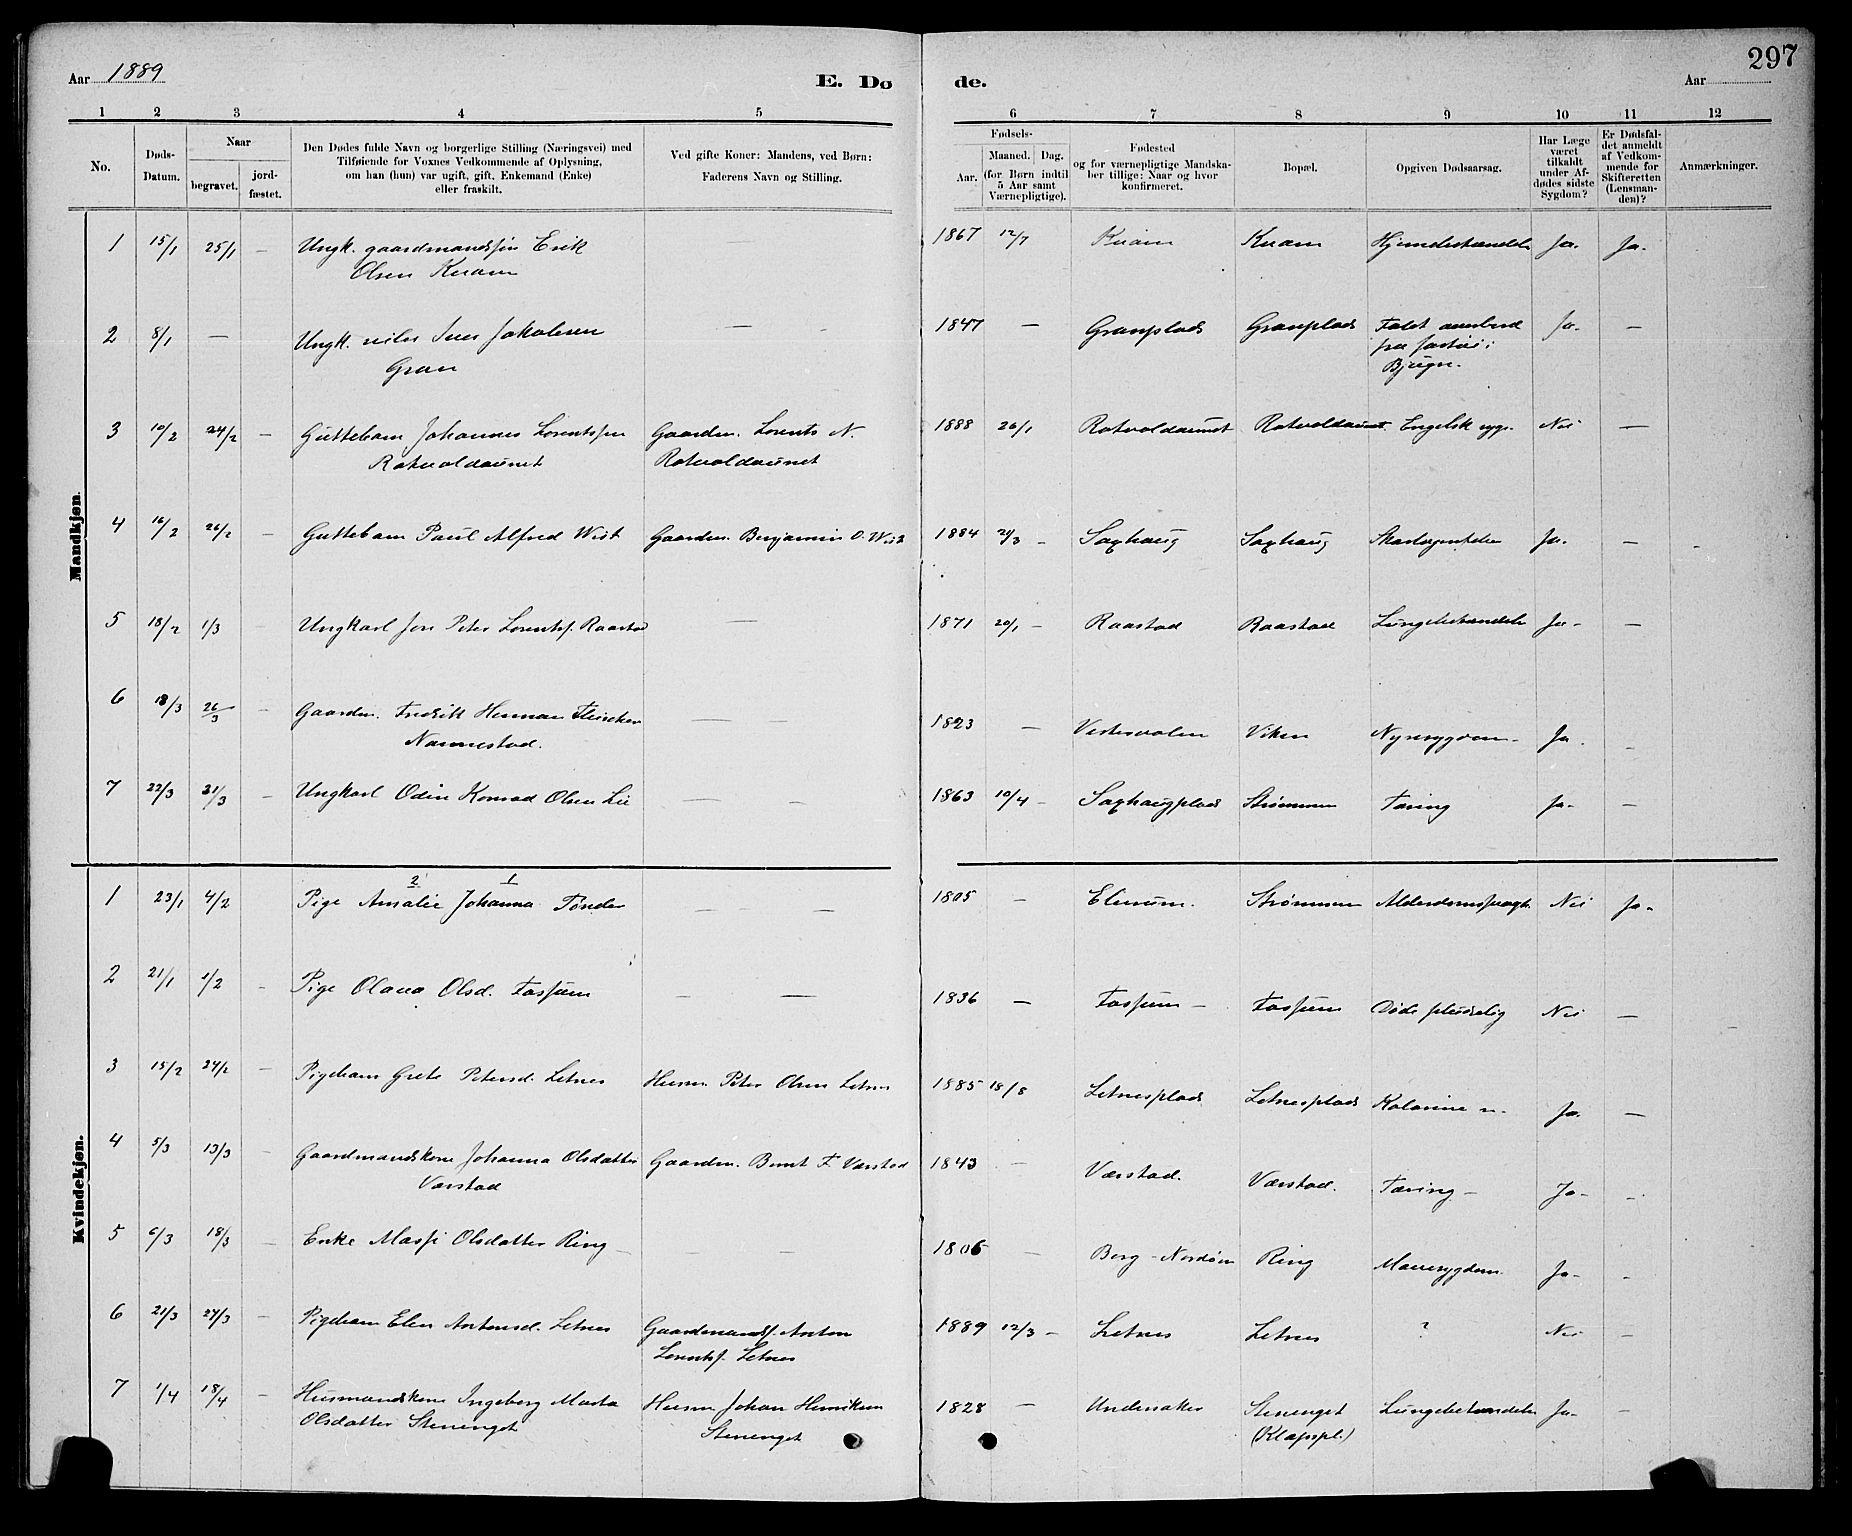 SAT, Ministerialprotokoller, klokkerbøker og fødselsregistre - Nord-Trøndelag, 730/L0301: Klokkerbok nr. 730C04, 1880-1897, s. 297